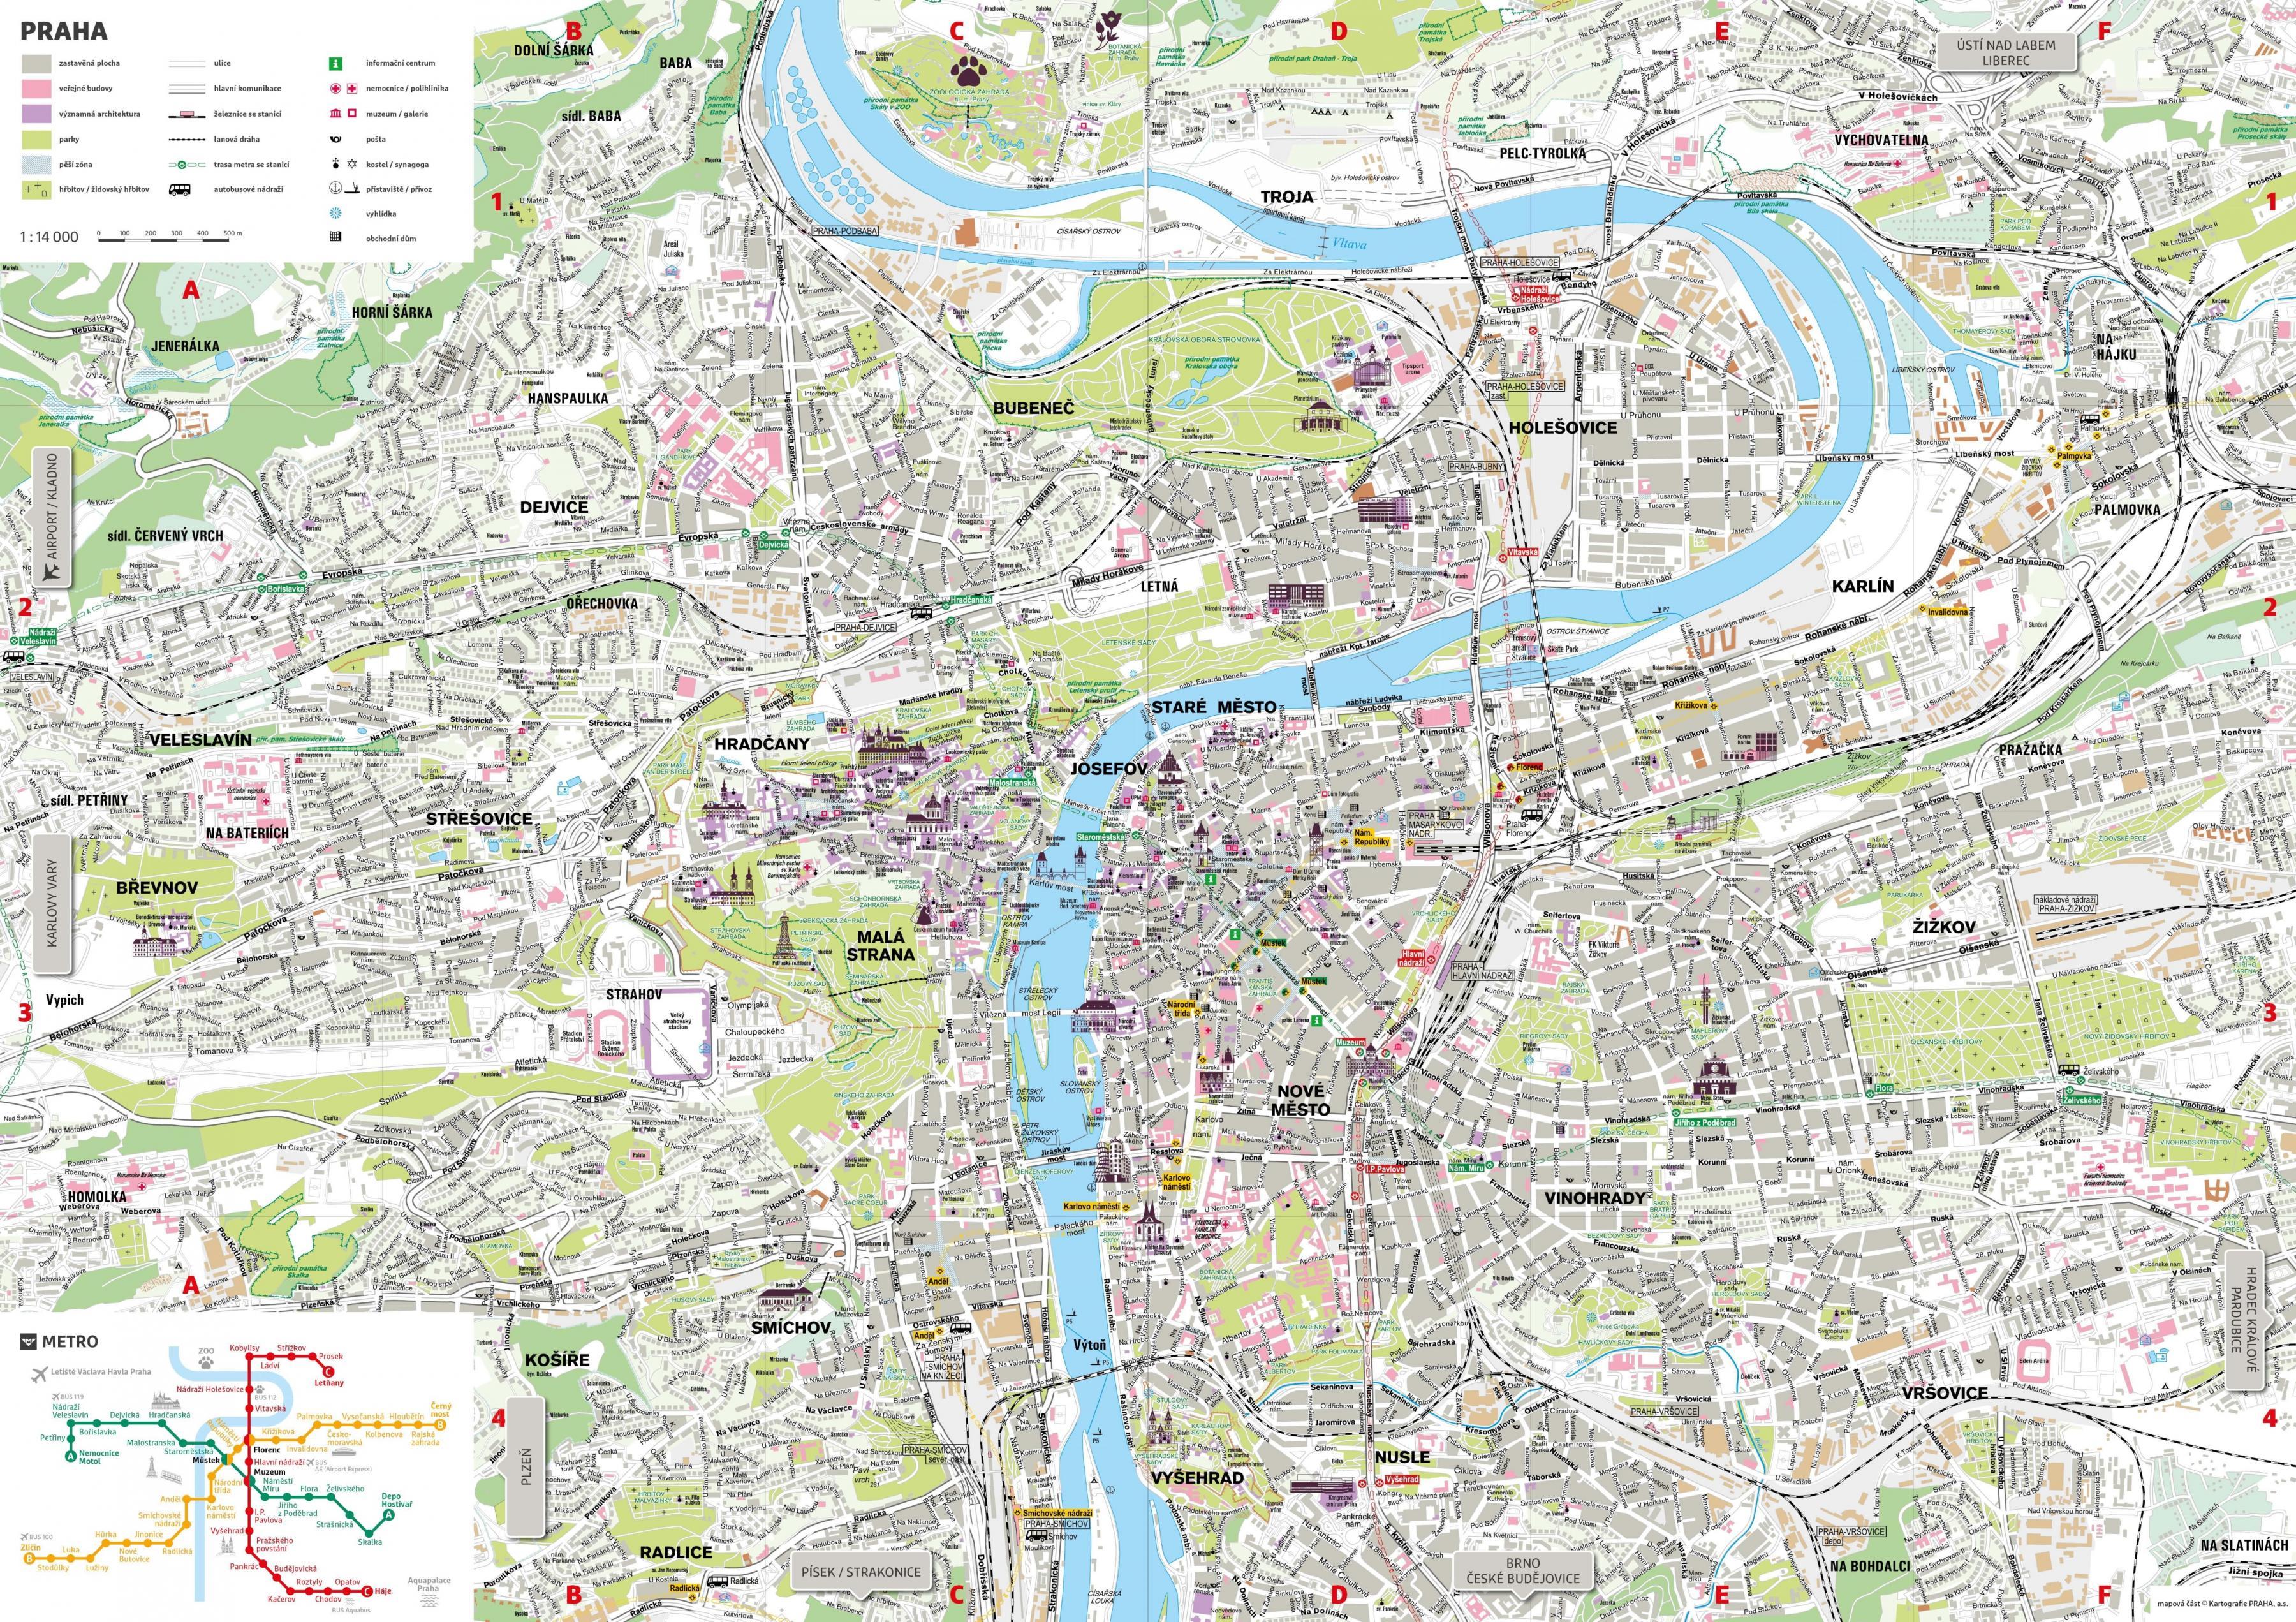 Cartina Del Belgio Da Stampare.Mappe Di Praga Mappe Dei Trasporti E Mappe Turistiche Di Praga In Cecenia